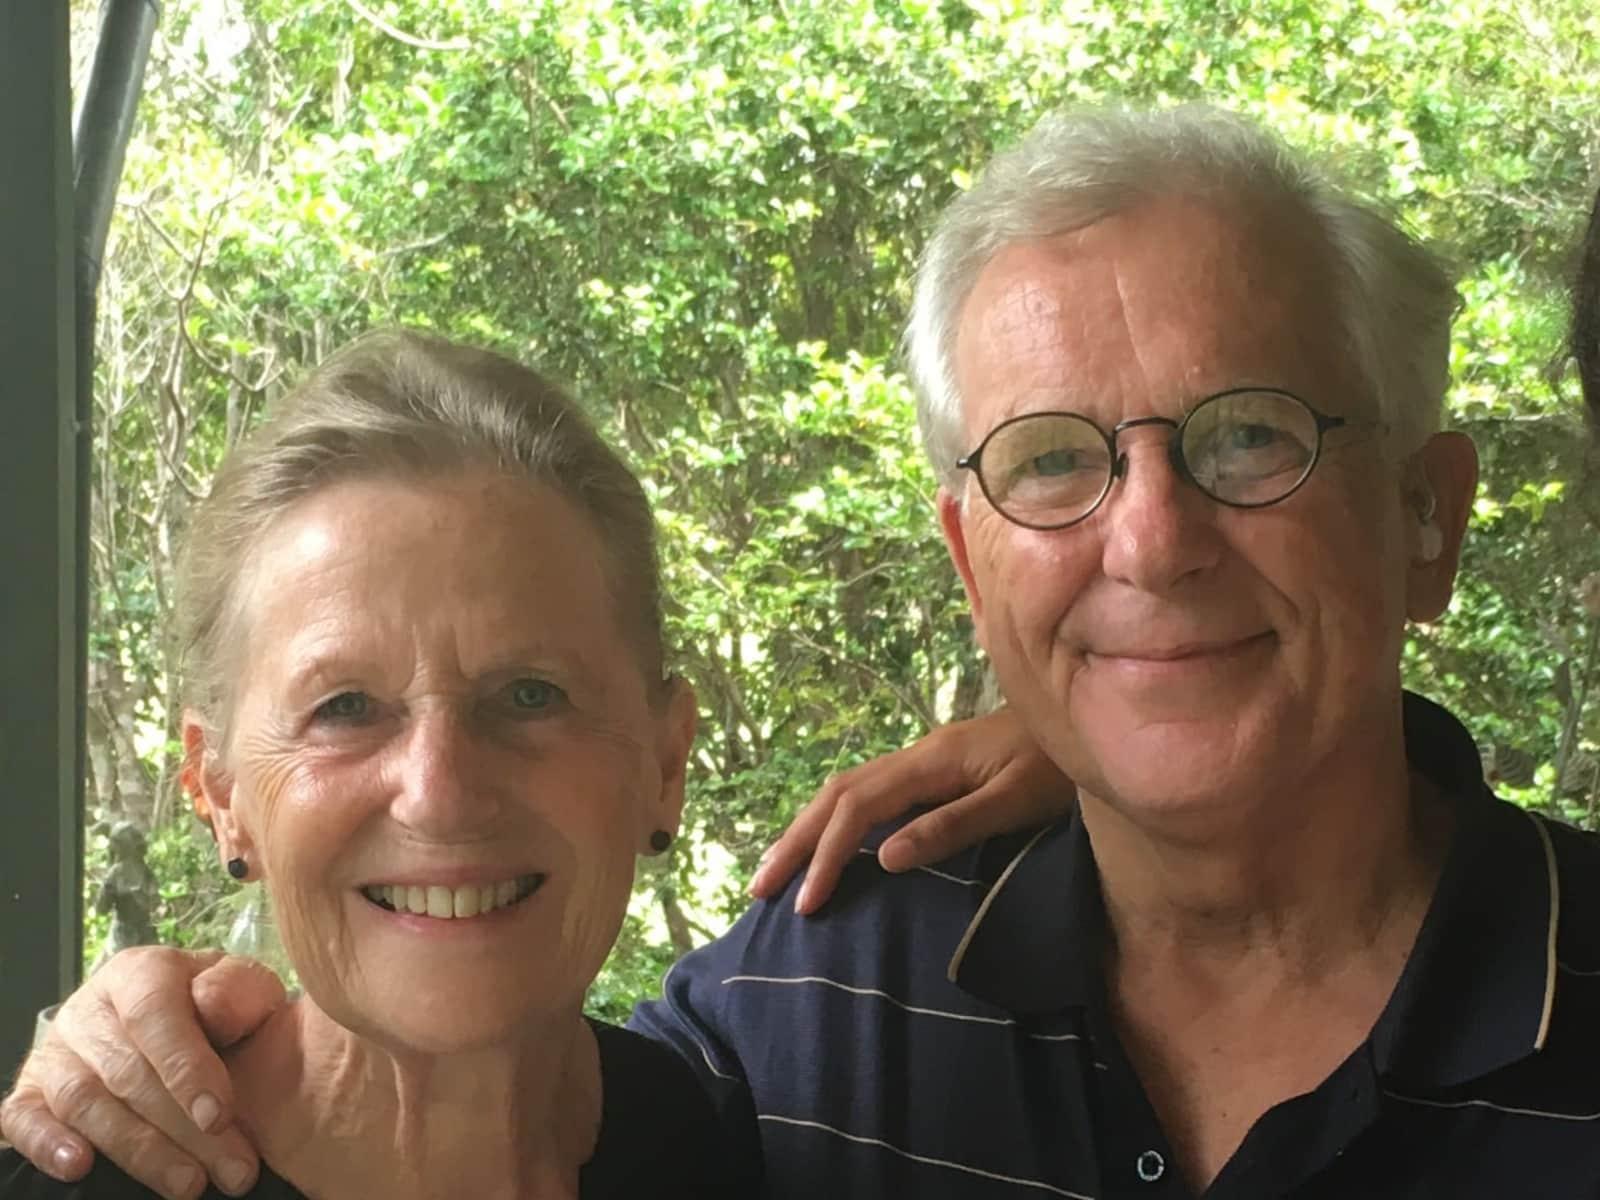 Adriaan and anny & Adriaan from Montville, Queensland, Australia